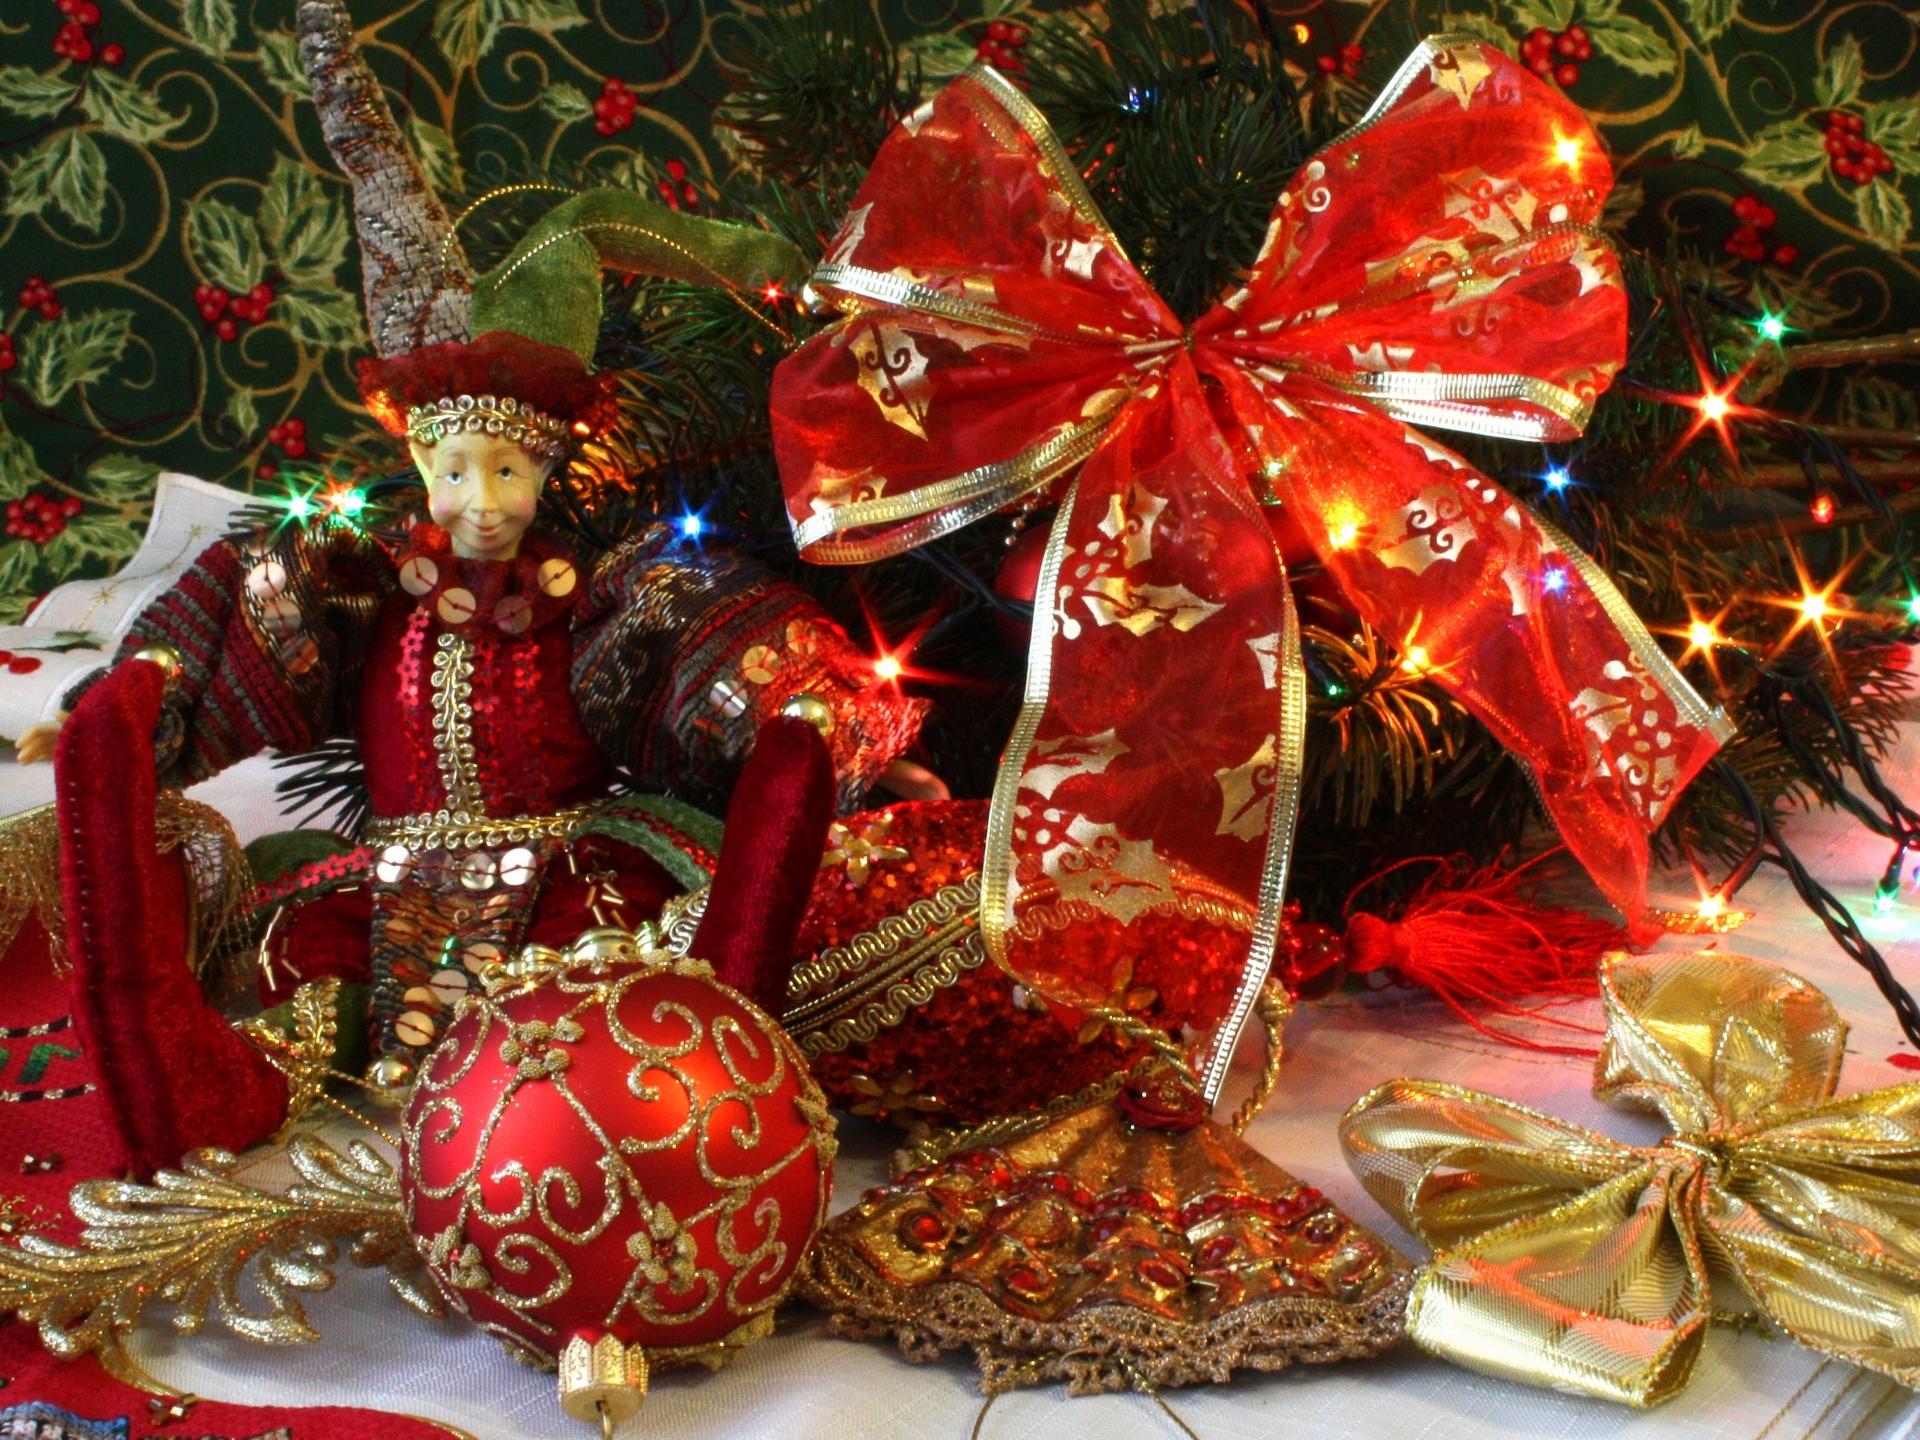 11 2012 19 45 новый год обои новый год